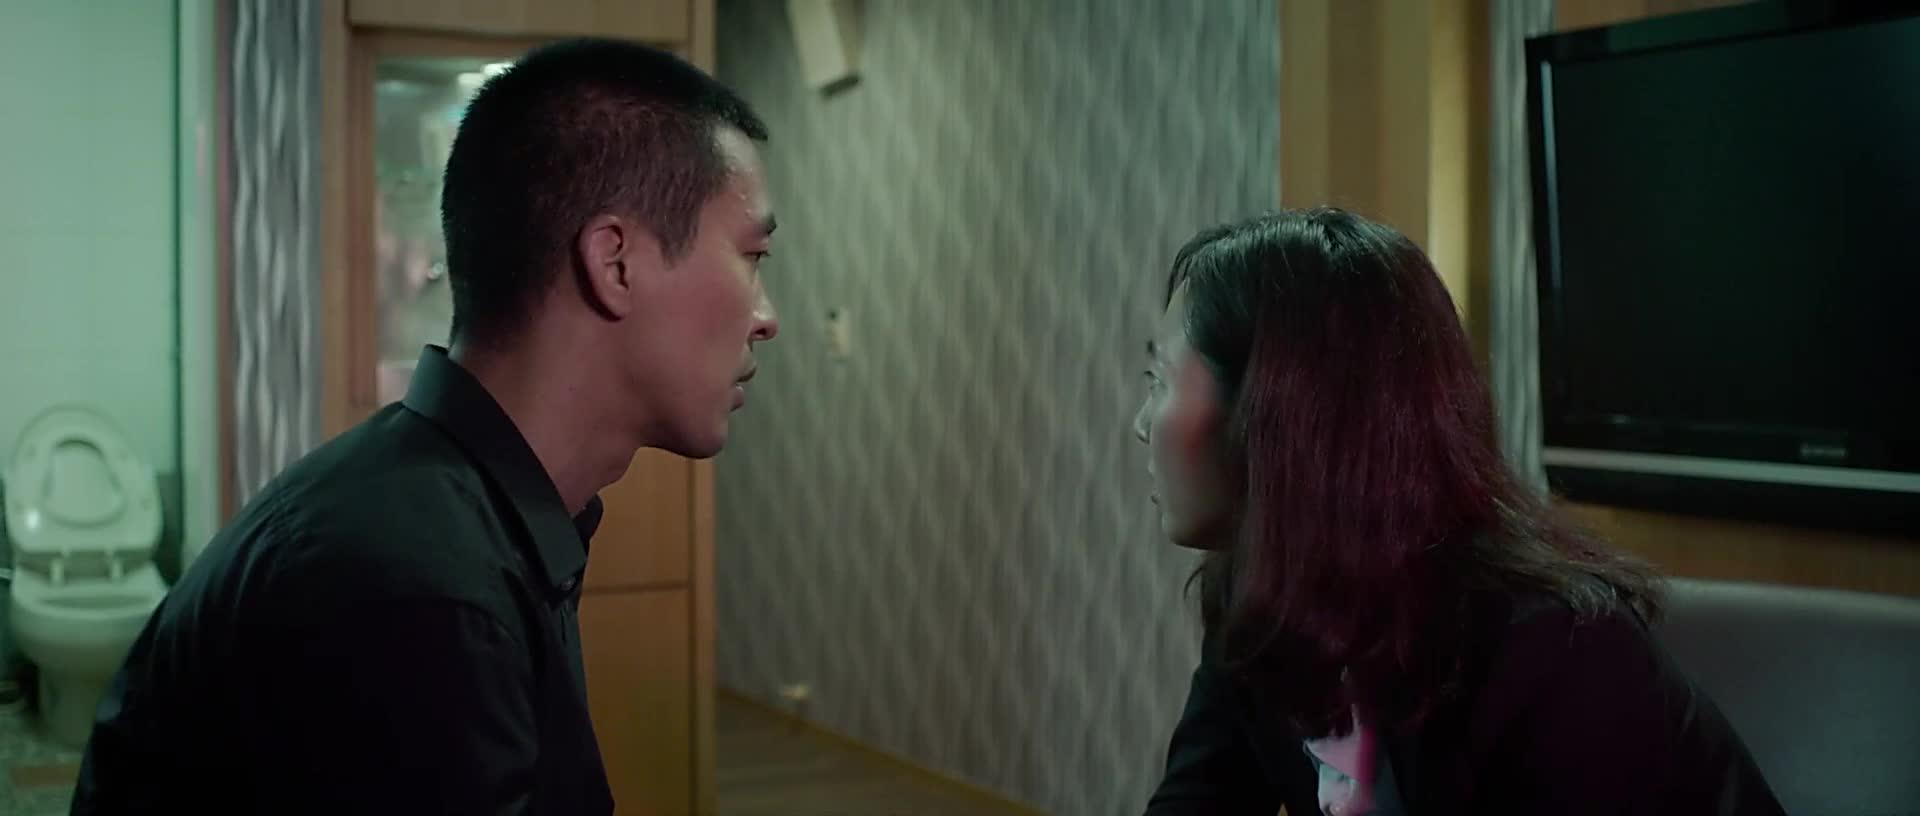 薇将杨念带到了一个旅店里,此时的她对女儿点点的关切无法掩饰